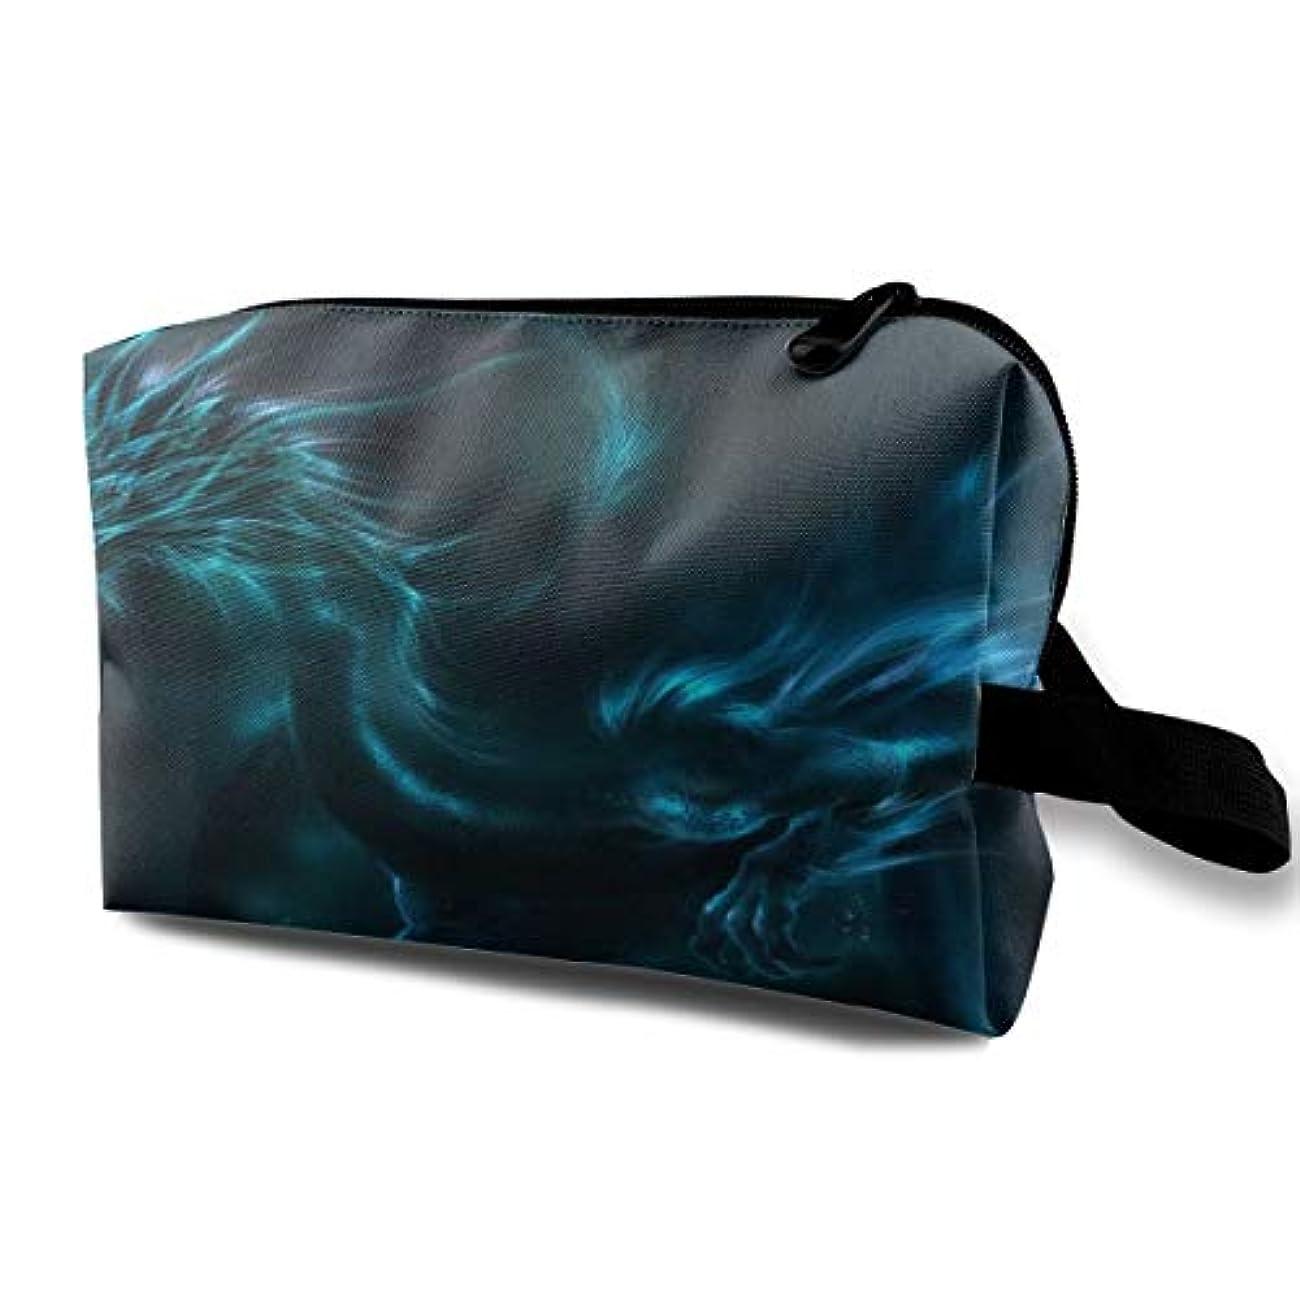 海軍変換フロンティアCool Blue Dragon 収納ポーチ 化粧ポーチ 大容量 軽量 耐久性 ハンドル付持ち運び便利。入れ 自宅?出張?旅行?アウトドア撮影などに対応。メンズ レディース トラベルグッズ